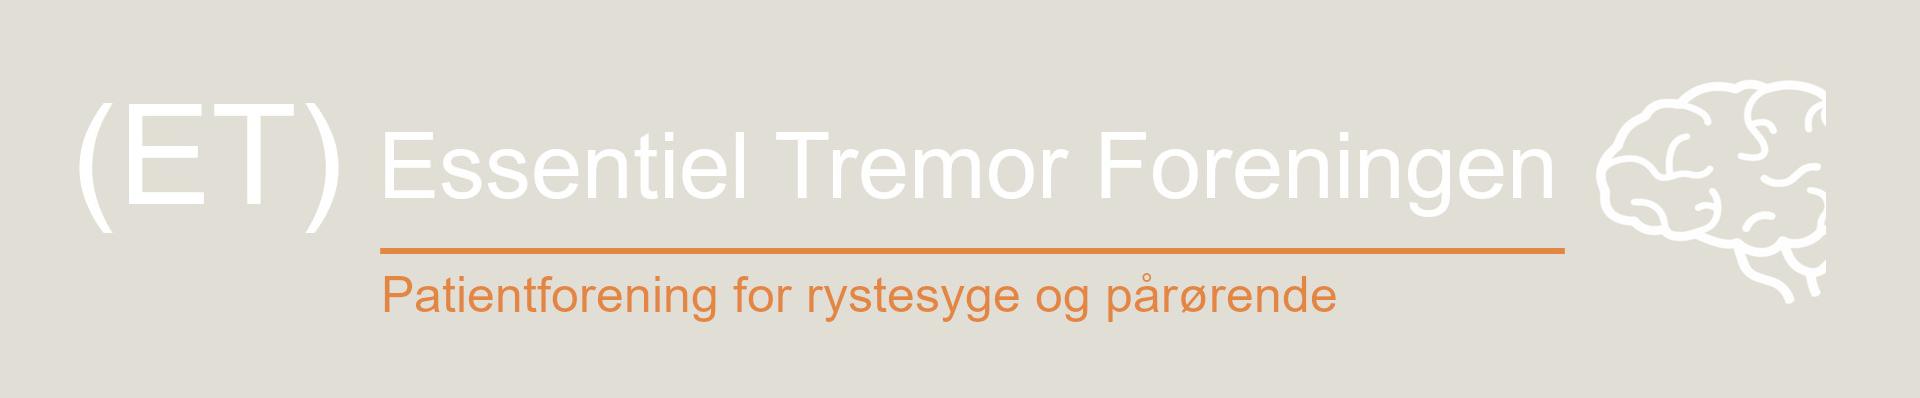 Essentiel Tremor Foreningen Banner